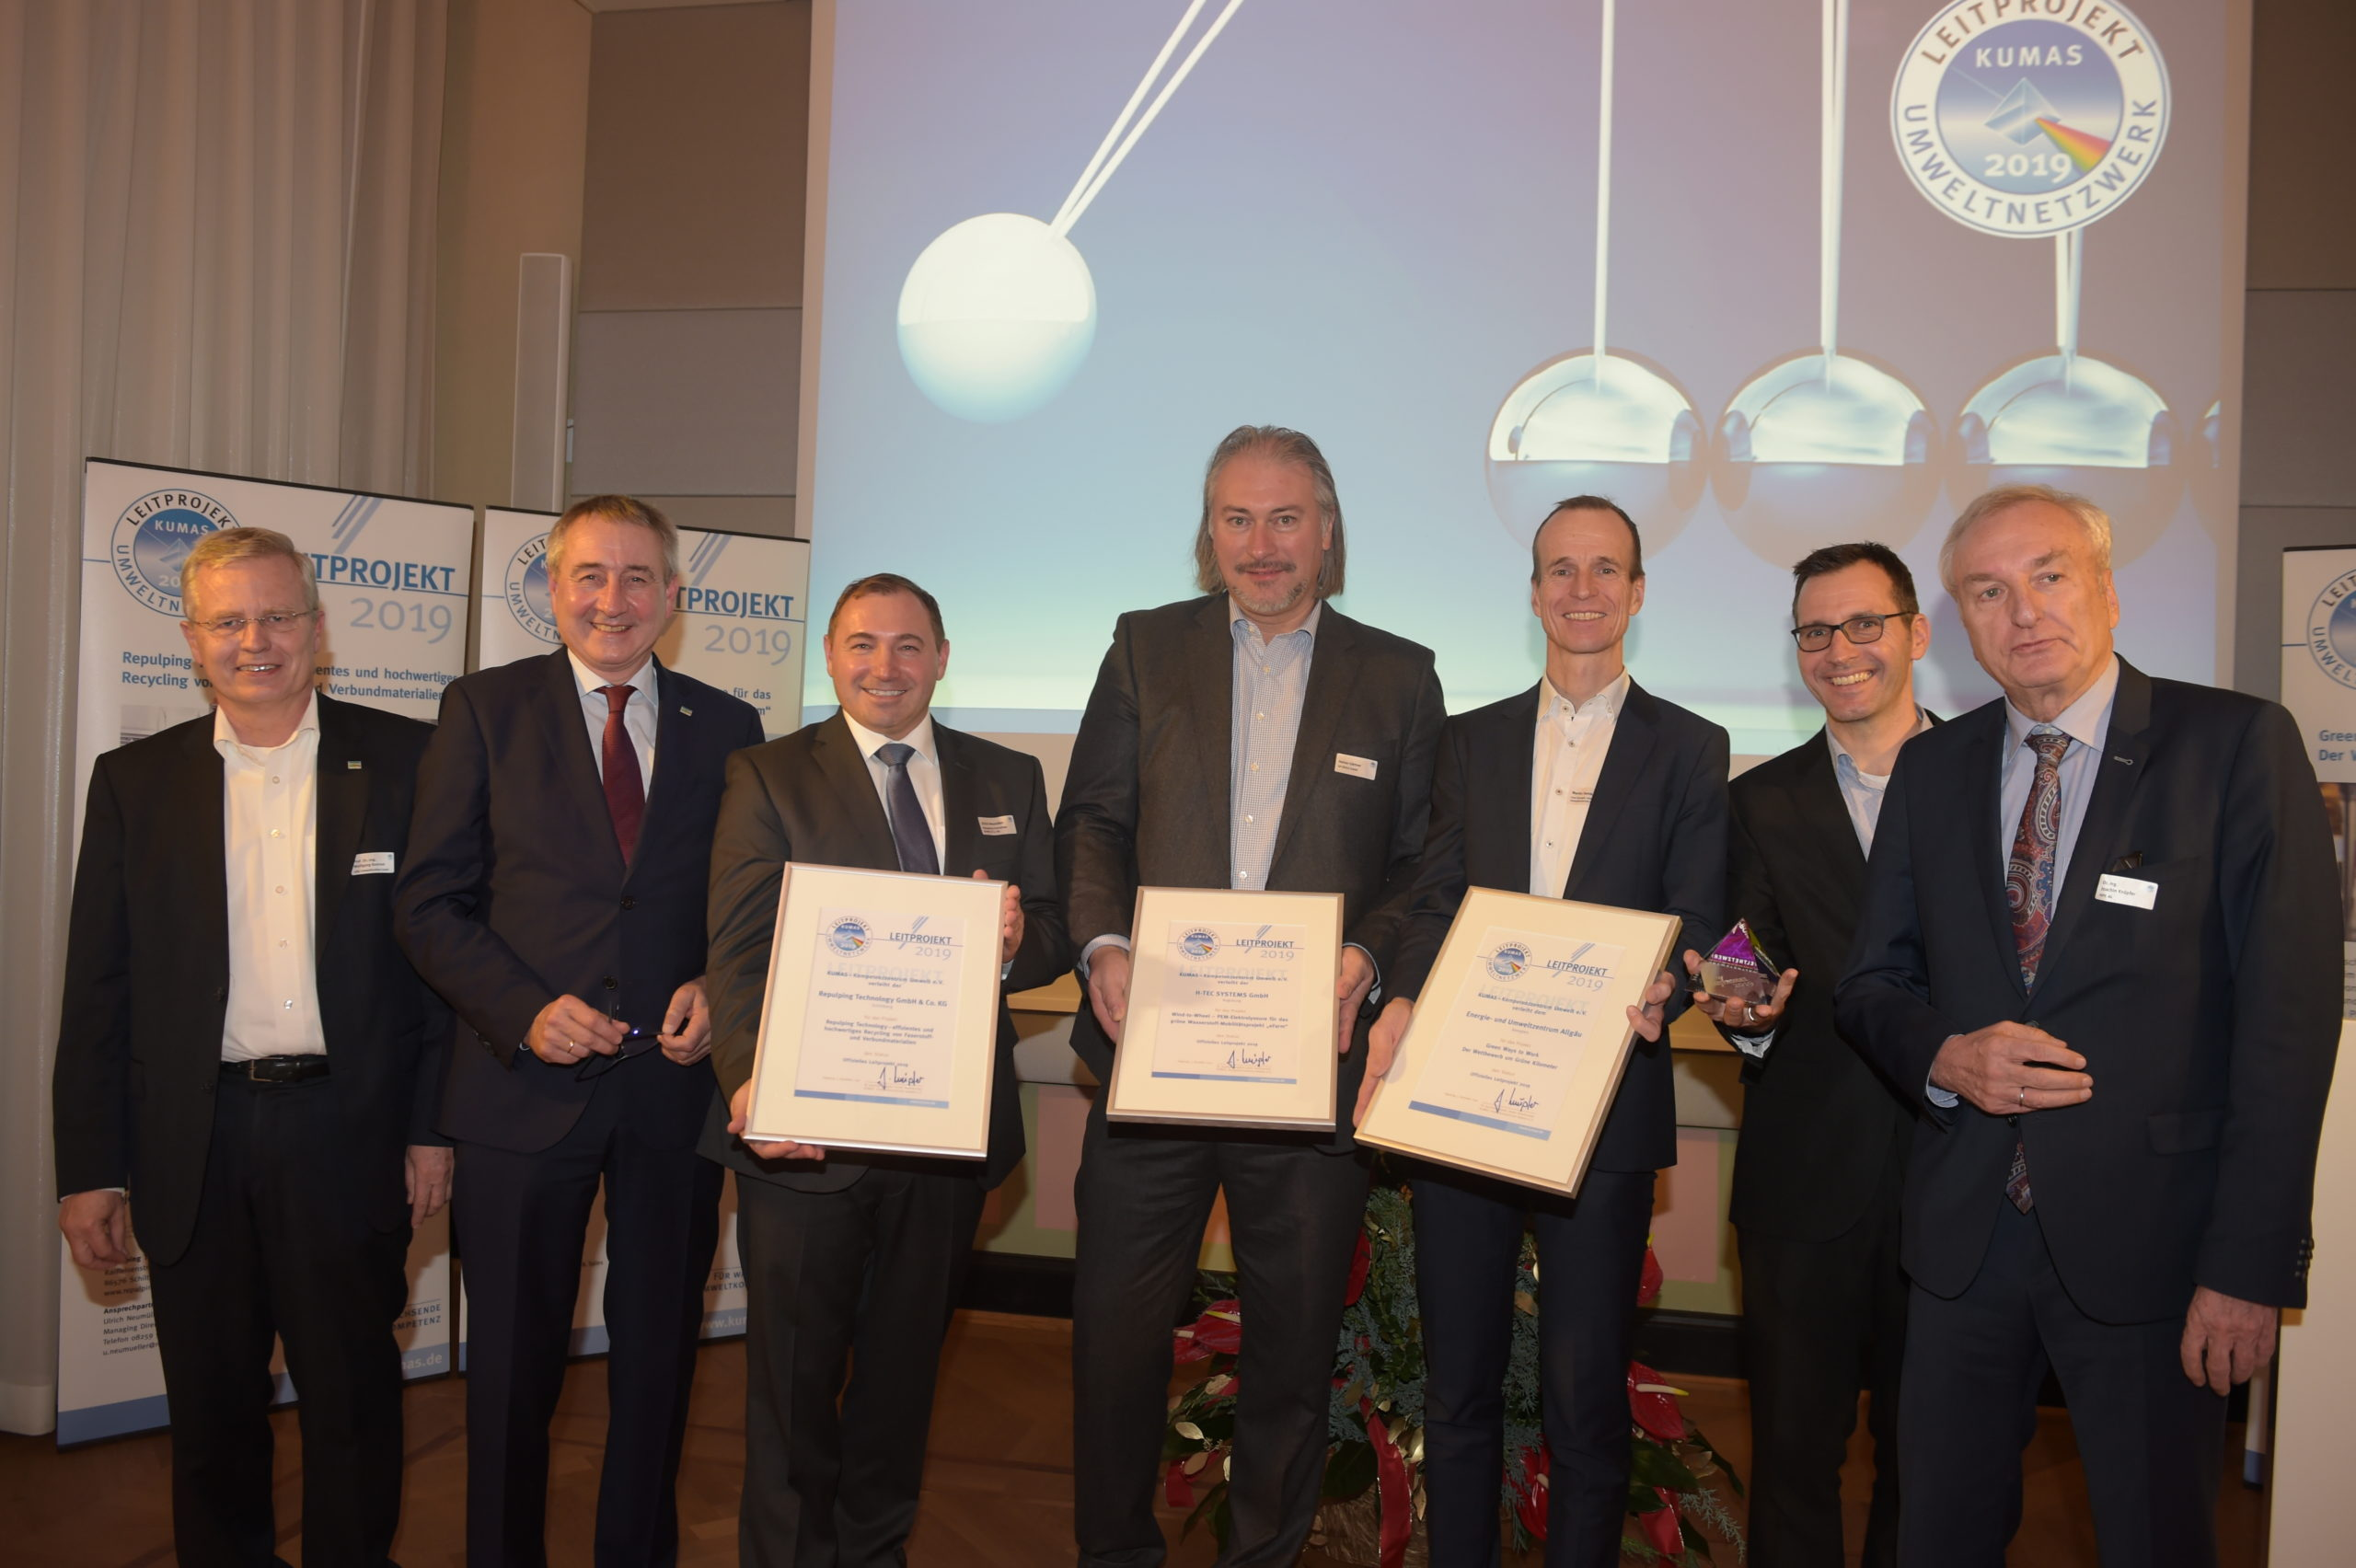 KUMAS Auszeichnung Leitprojekte 2019